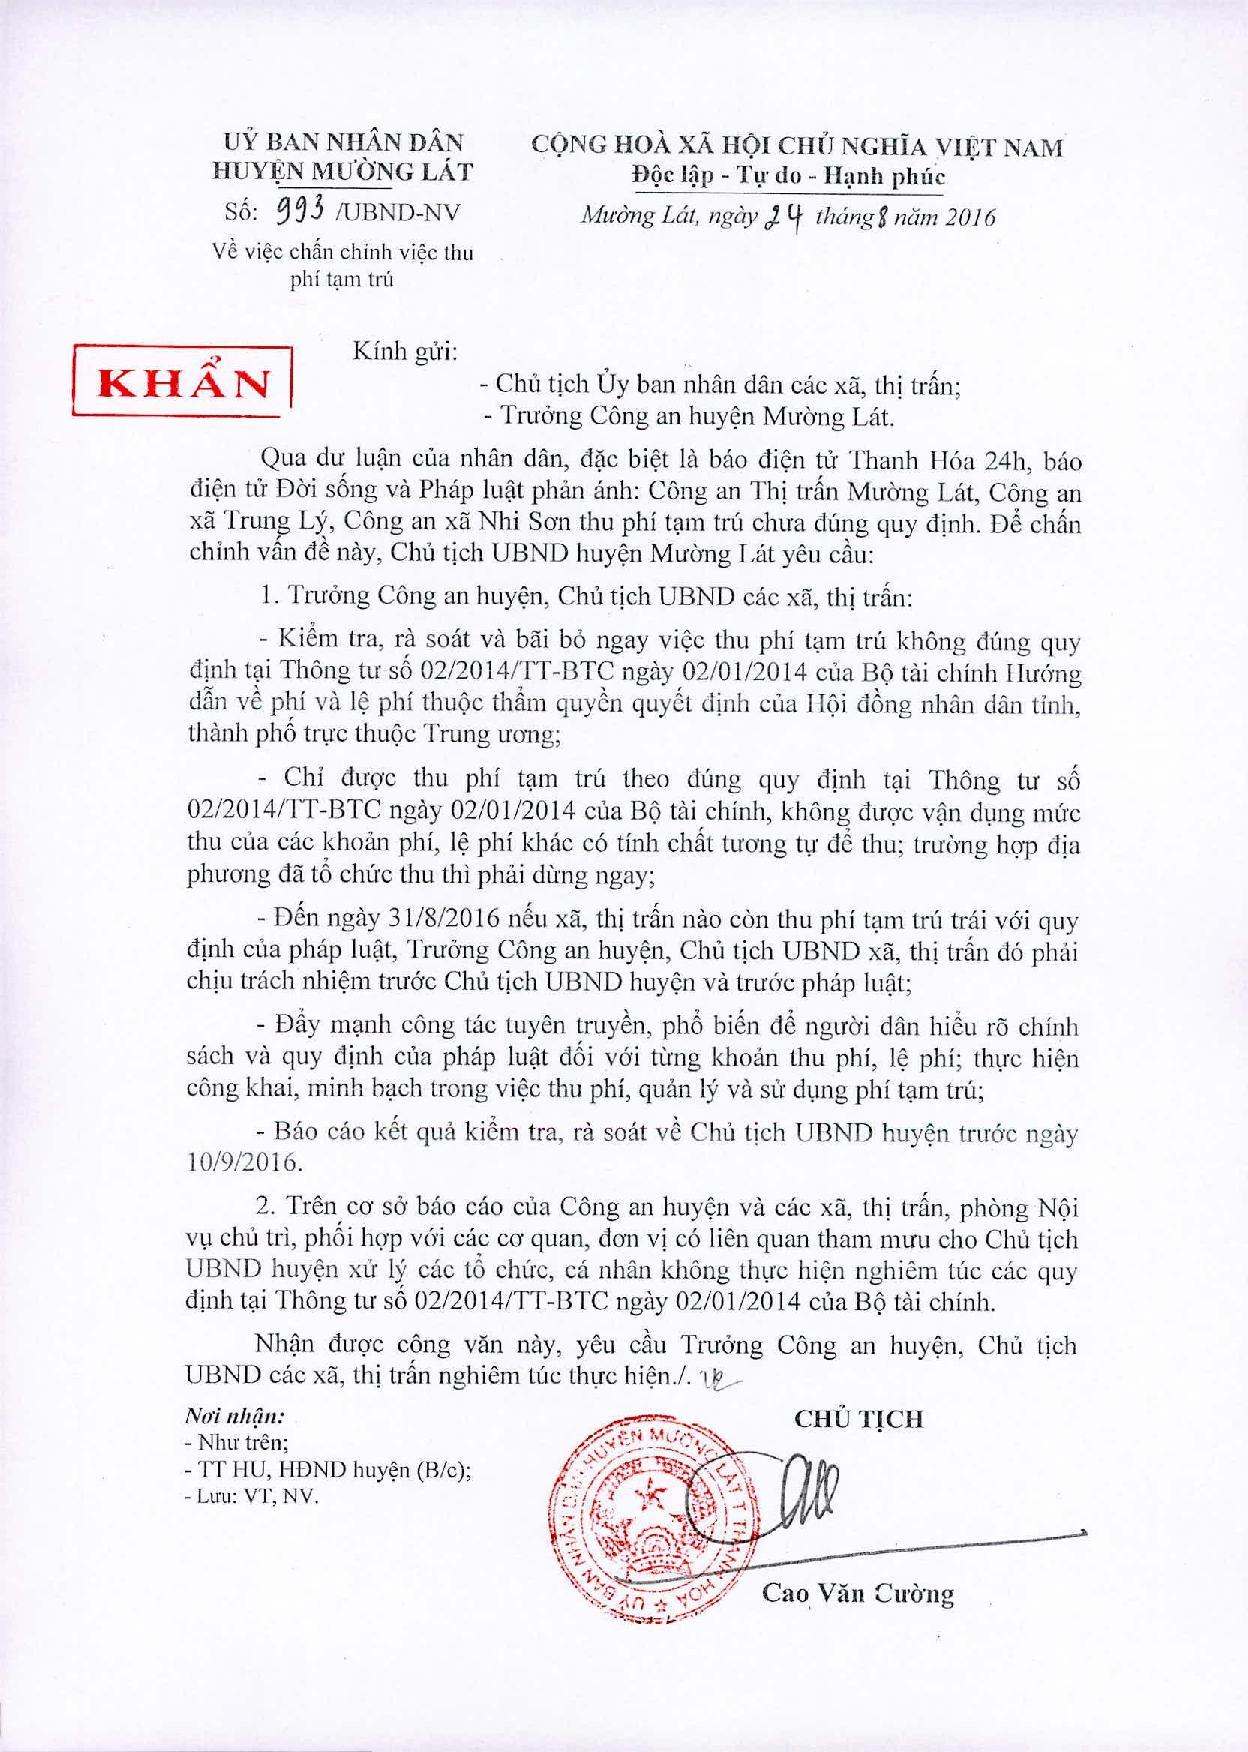 Thanh Hóa: Chủ tịch UBND huyện Mường Lát chỉ đạo xử lý nghiêm vụ thu phí tạm trú - Ảnh 2